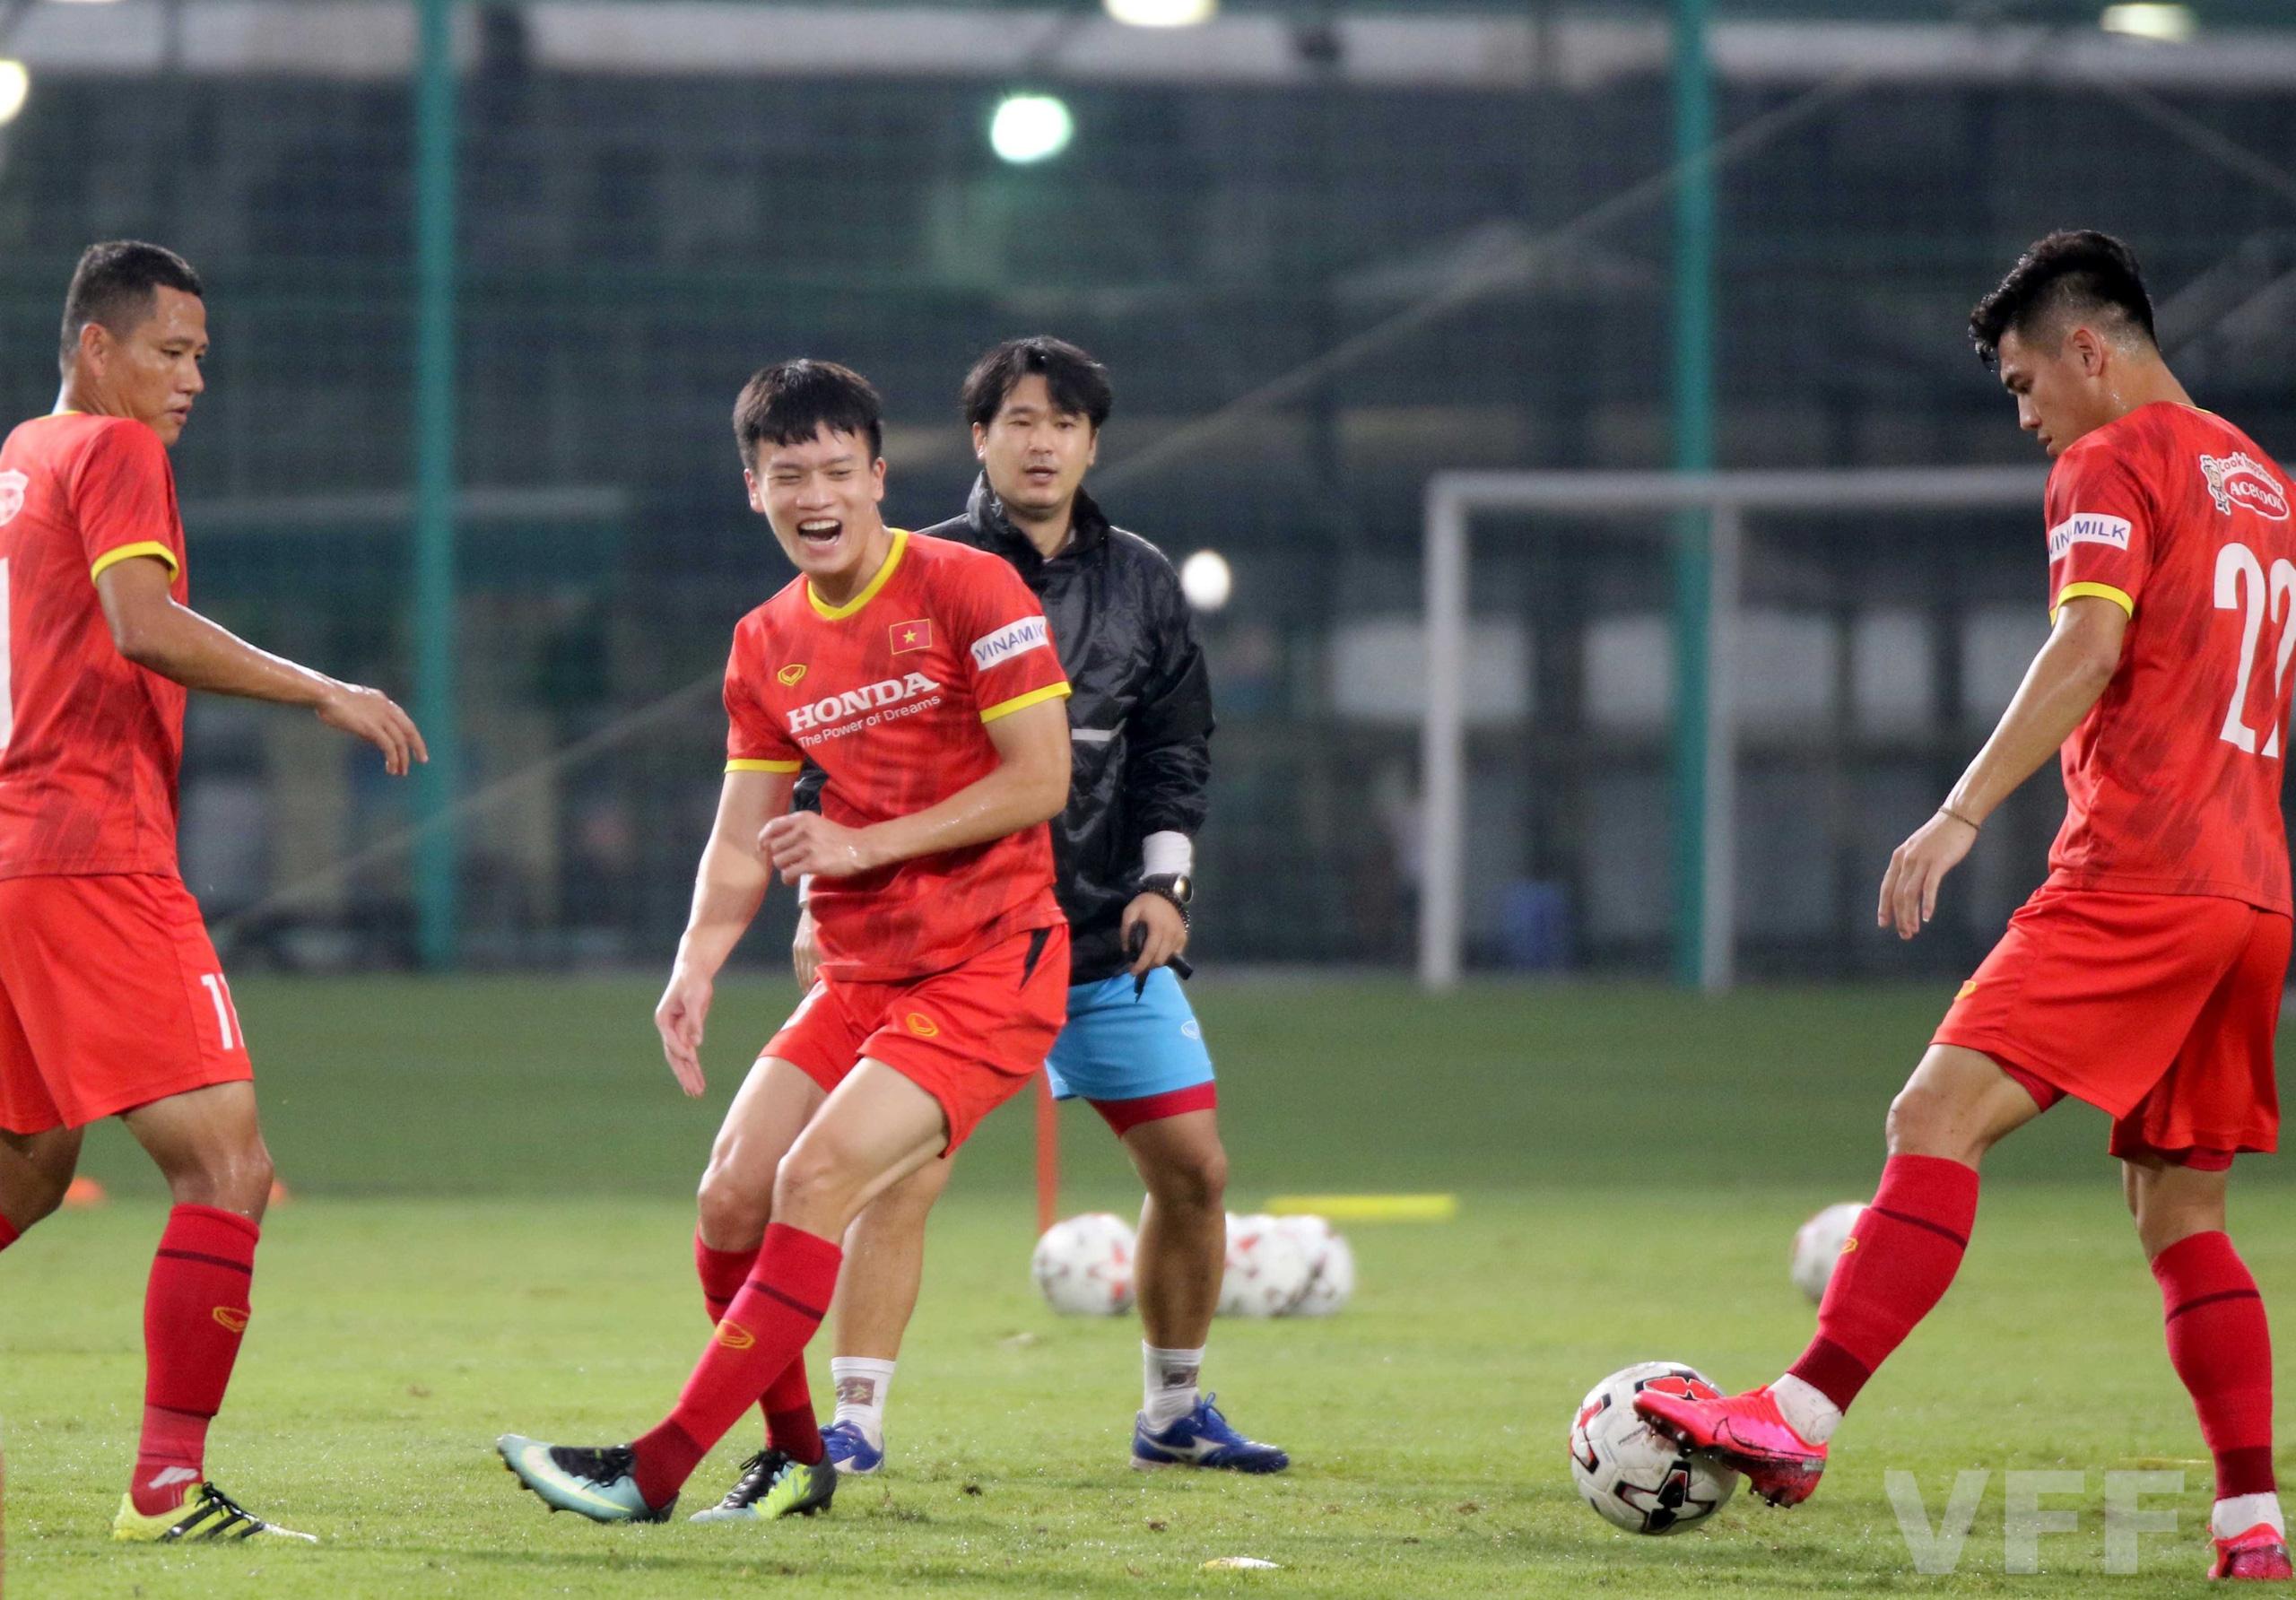 """HLV Park Hang-seo """"làm xiếc"""" với bóng khiến học trò ngỡ ngàng! - Ảnh 1."""